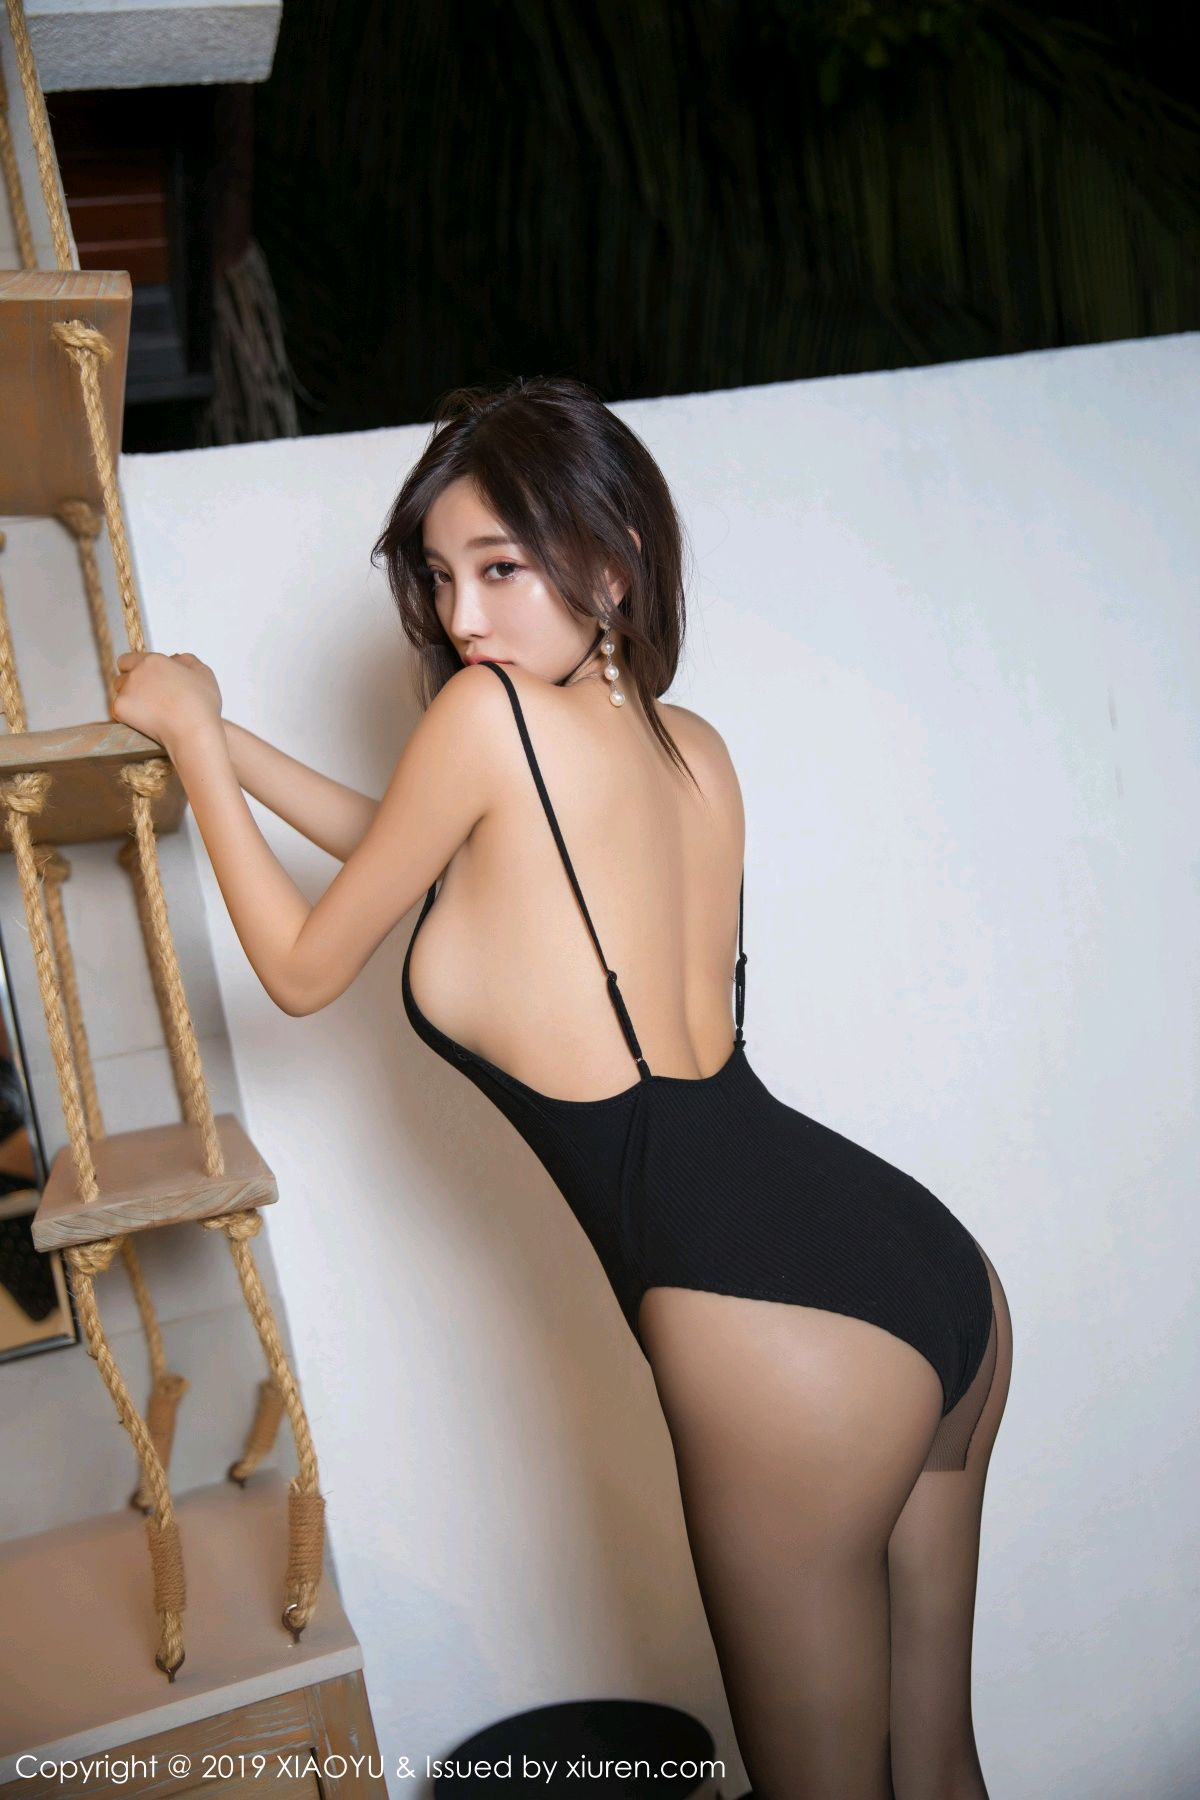 [XiaoYu] Vol.062 sugar 21P, Black Silk, Tall, XiaoYu, Yang Chen Chen